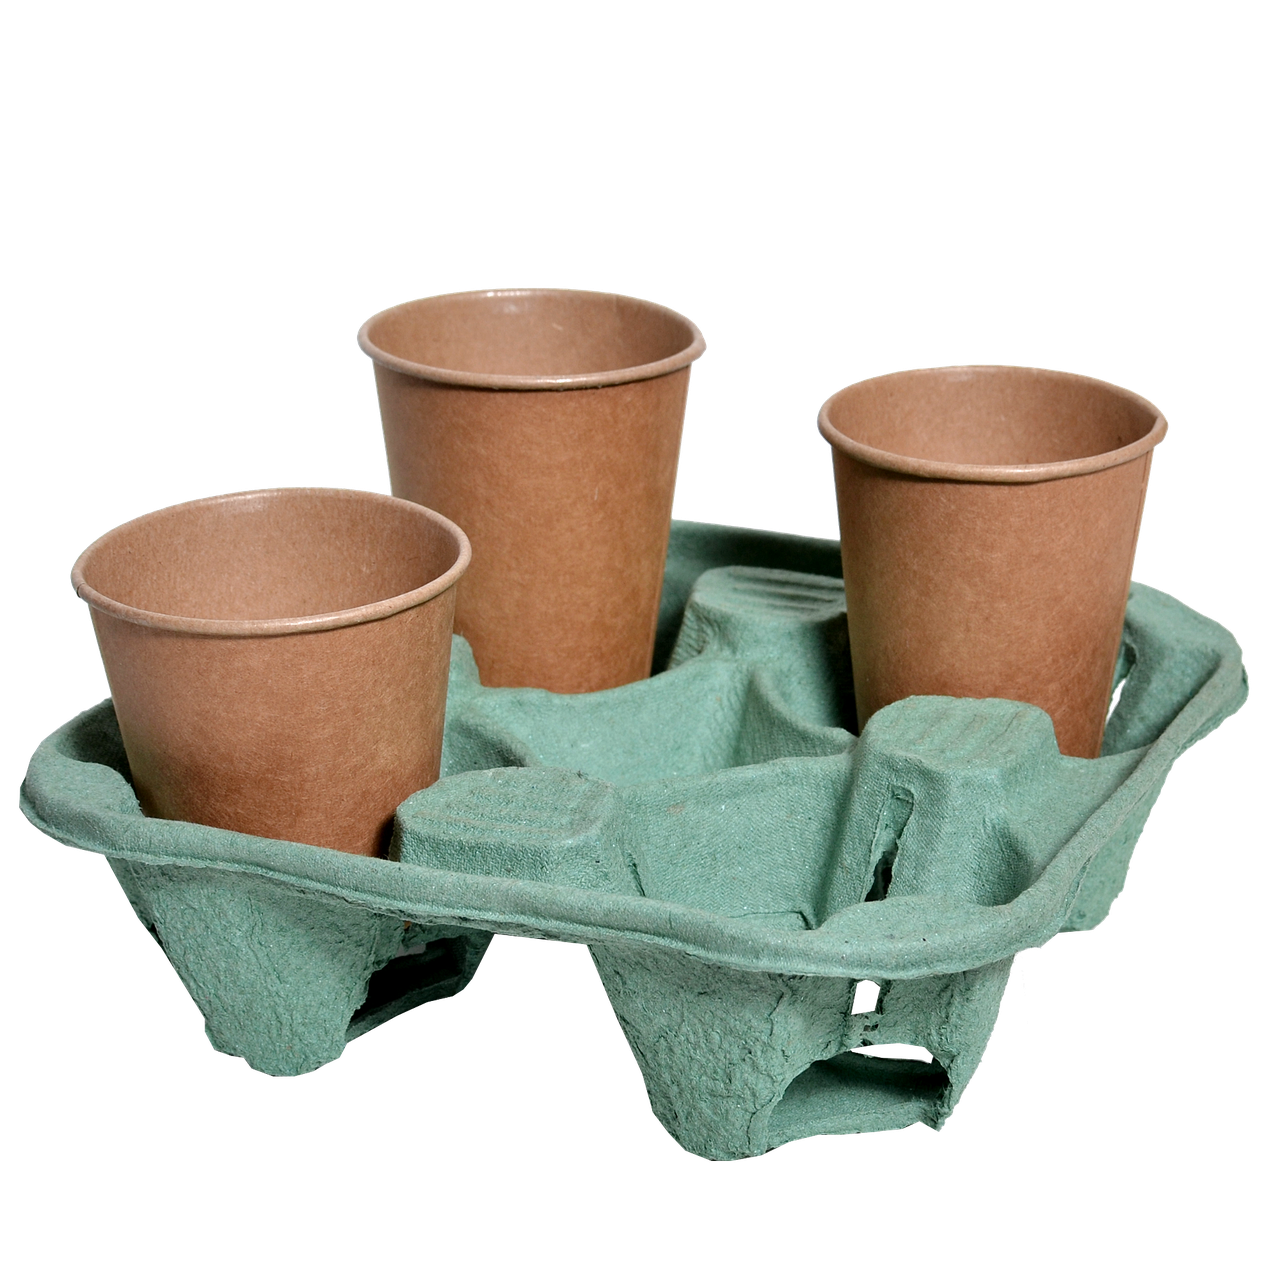 Подставка для стакана на 4 секции, 1шт (1уп/130шт) Зеленая